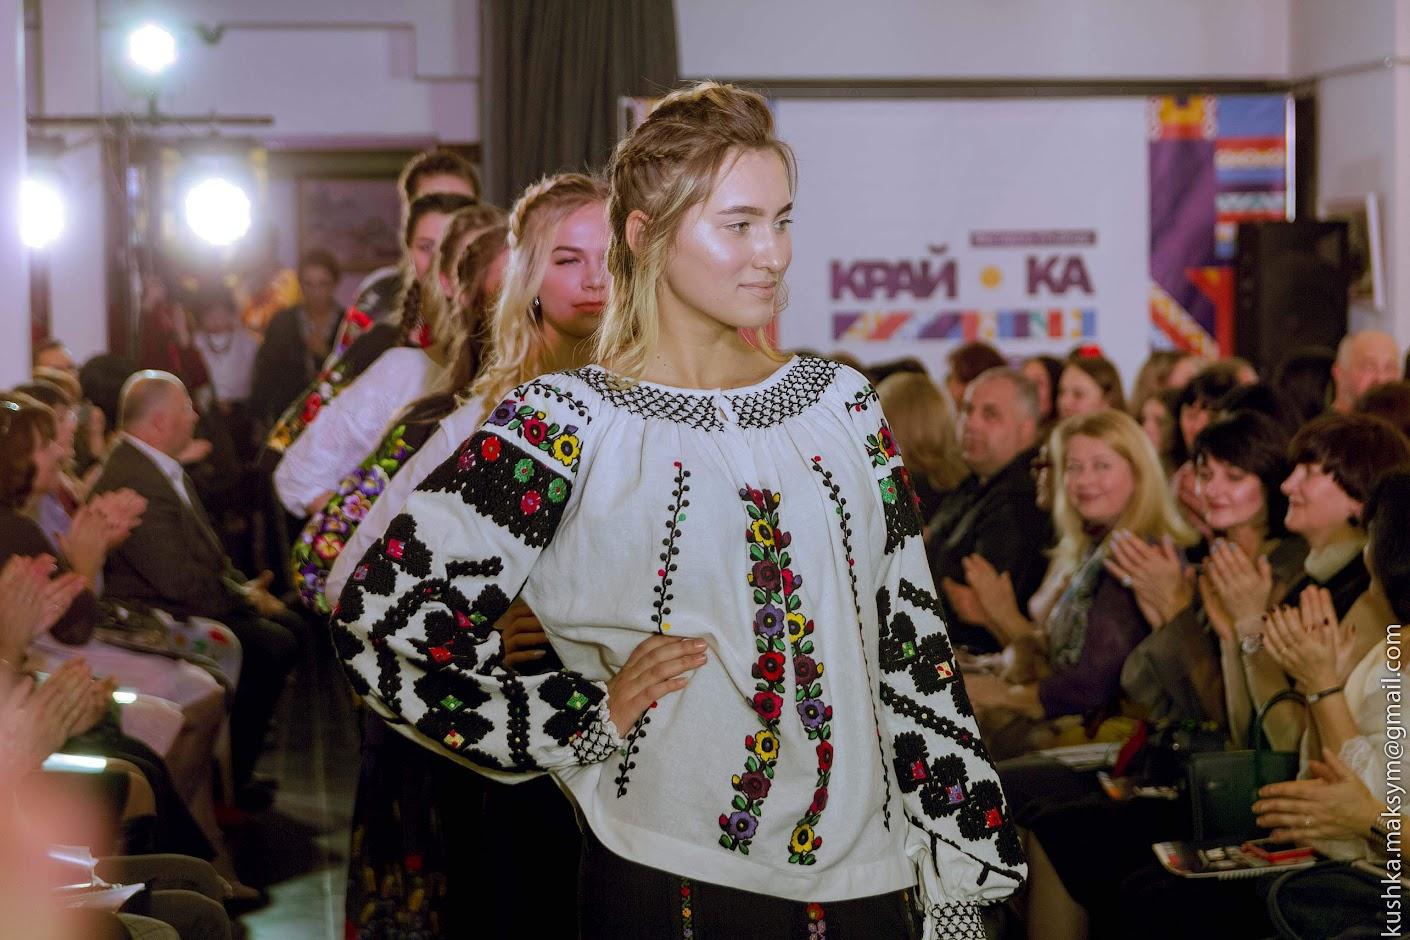 8d18526a514285 Край•КА Design прагне поєднати сучасний стиль та культурну спадщину  українського народу та стимулювати відродження легкої промисловості.